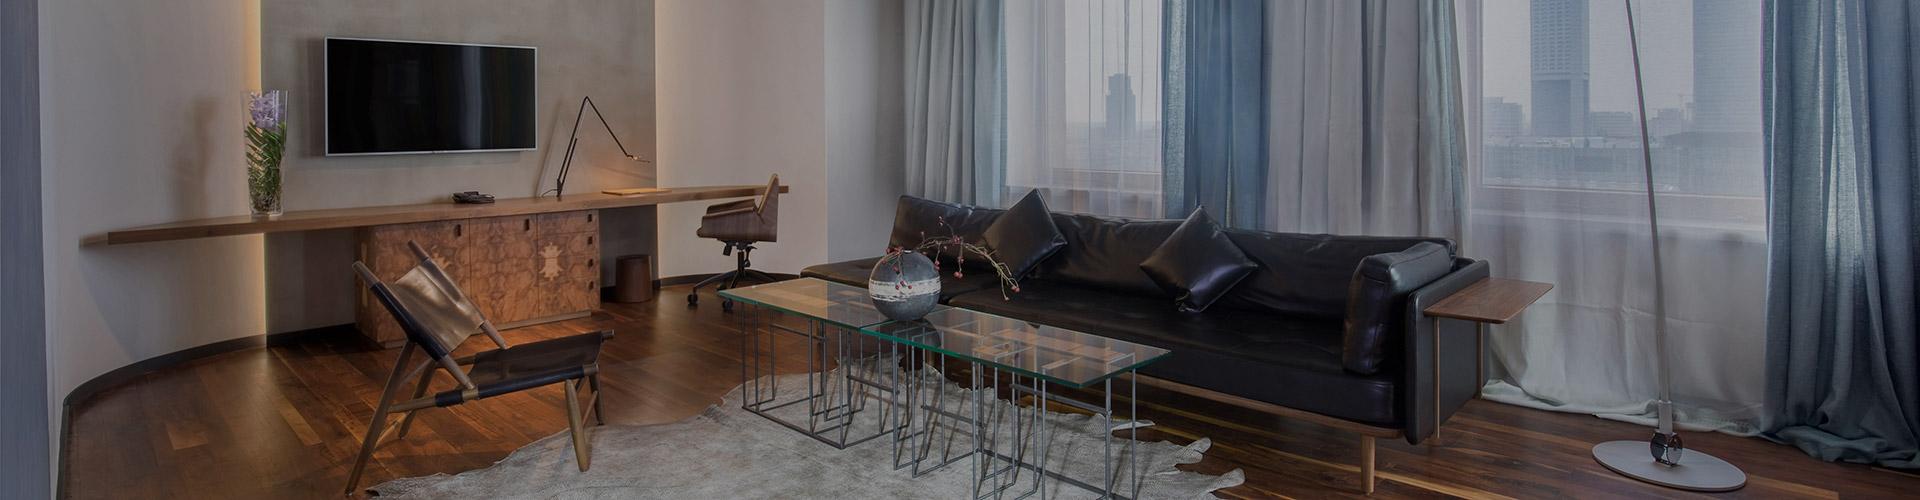 Hotel-warszawa-pieciogwiazkowy-hotel-w-centrum-warszawy-apartament-lux